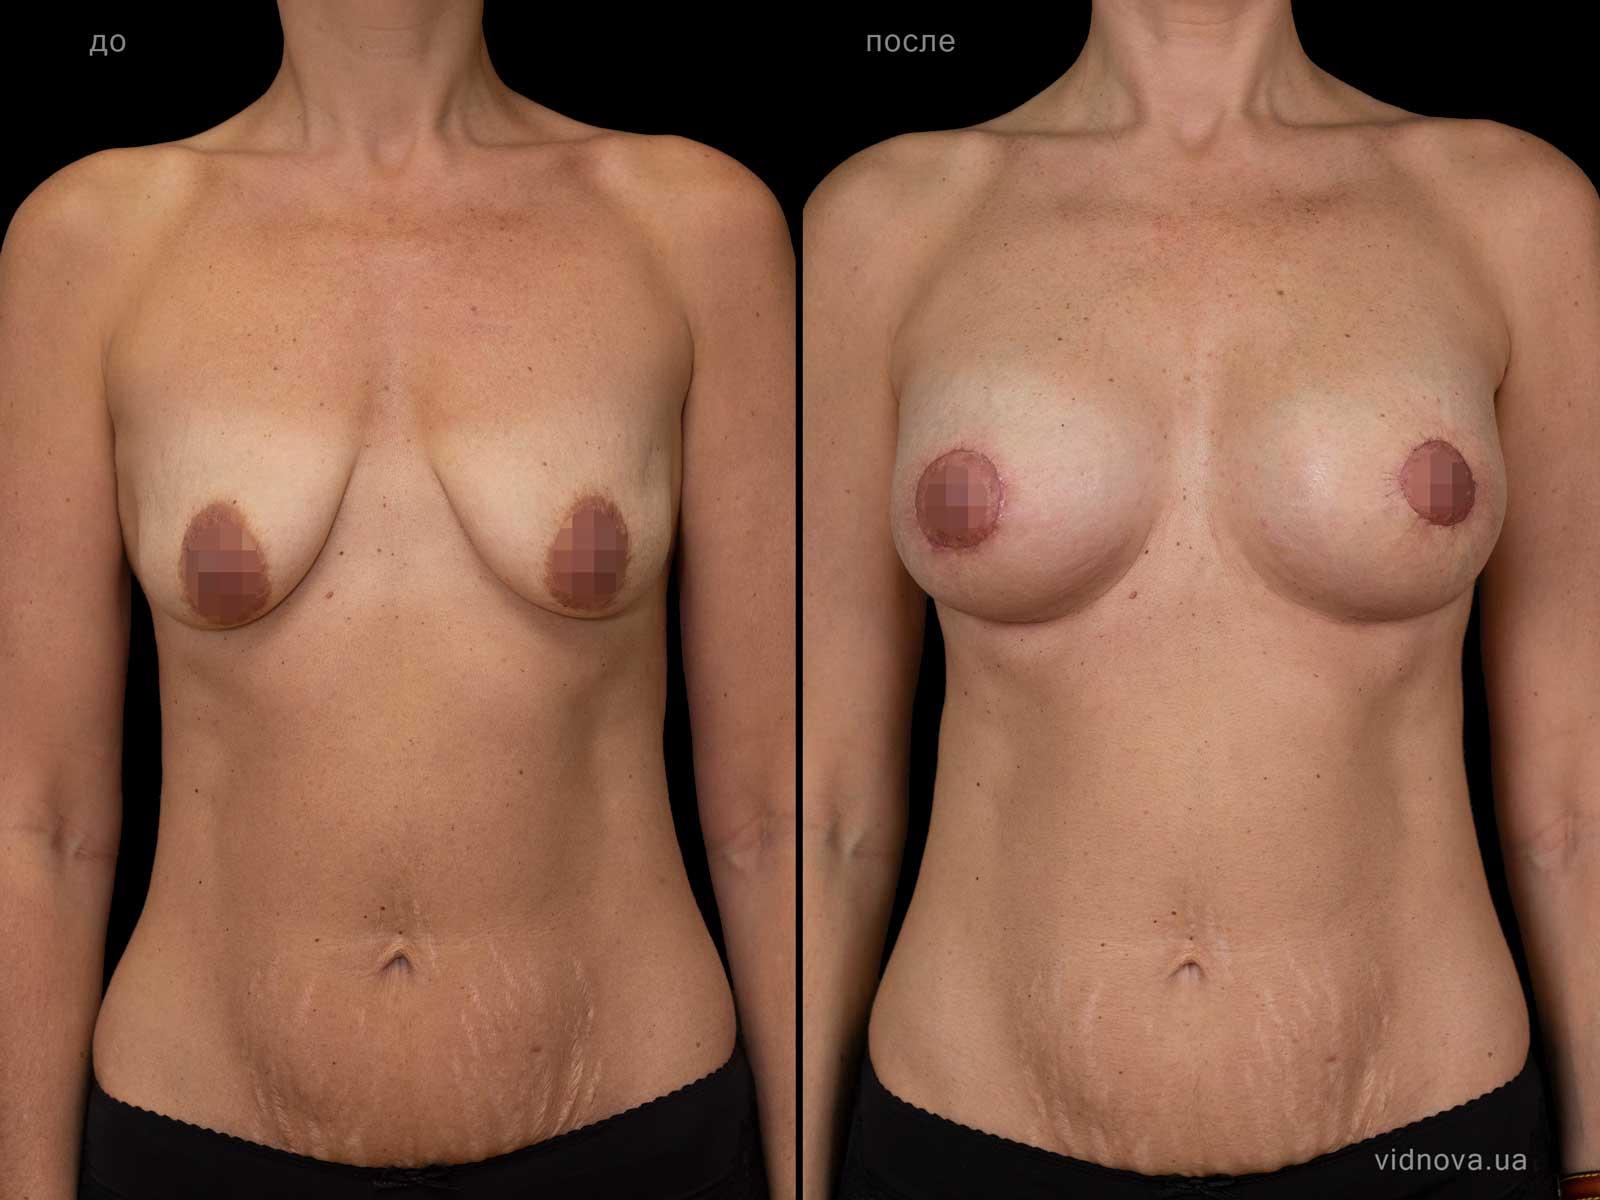 Пластика груди: результаты до и после - Пример №103-0 - Светлана Работенко